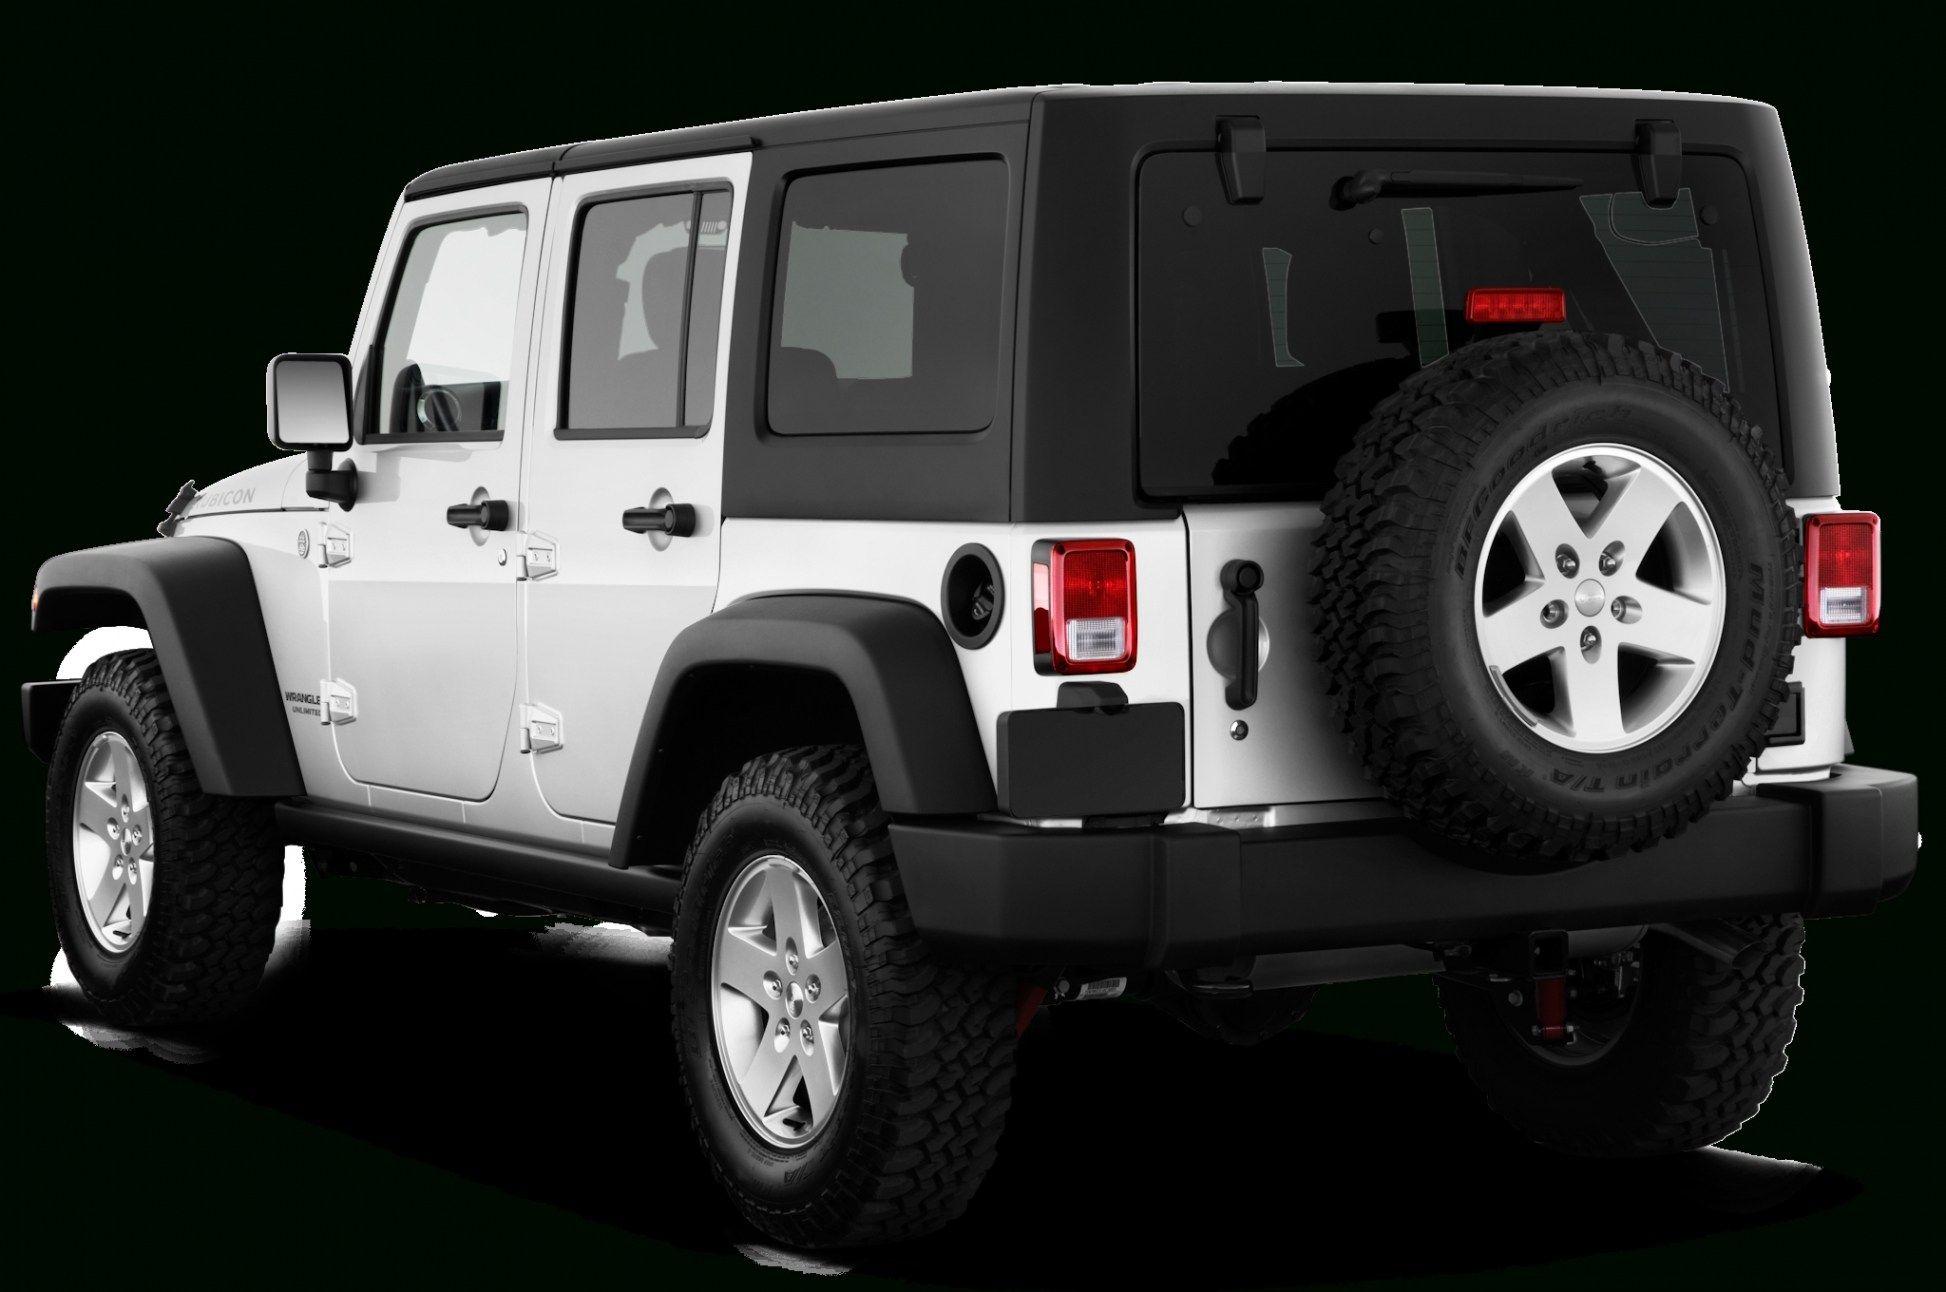 jeep wrangler 2011 recalls